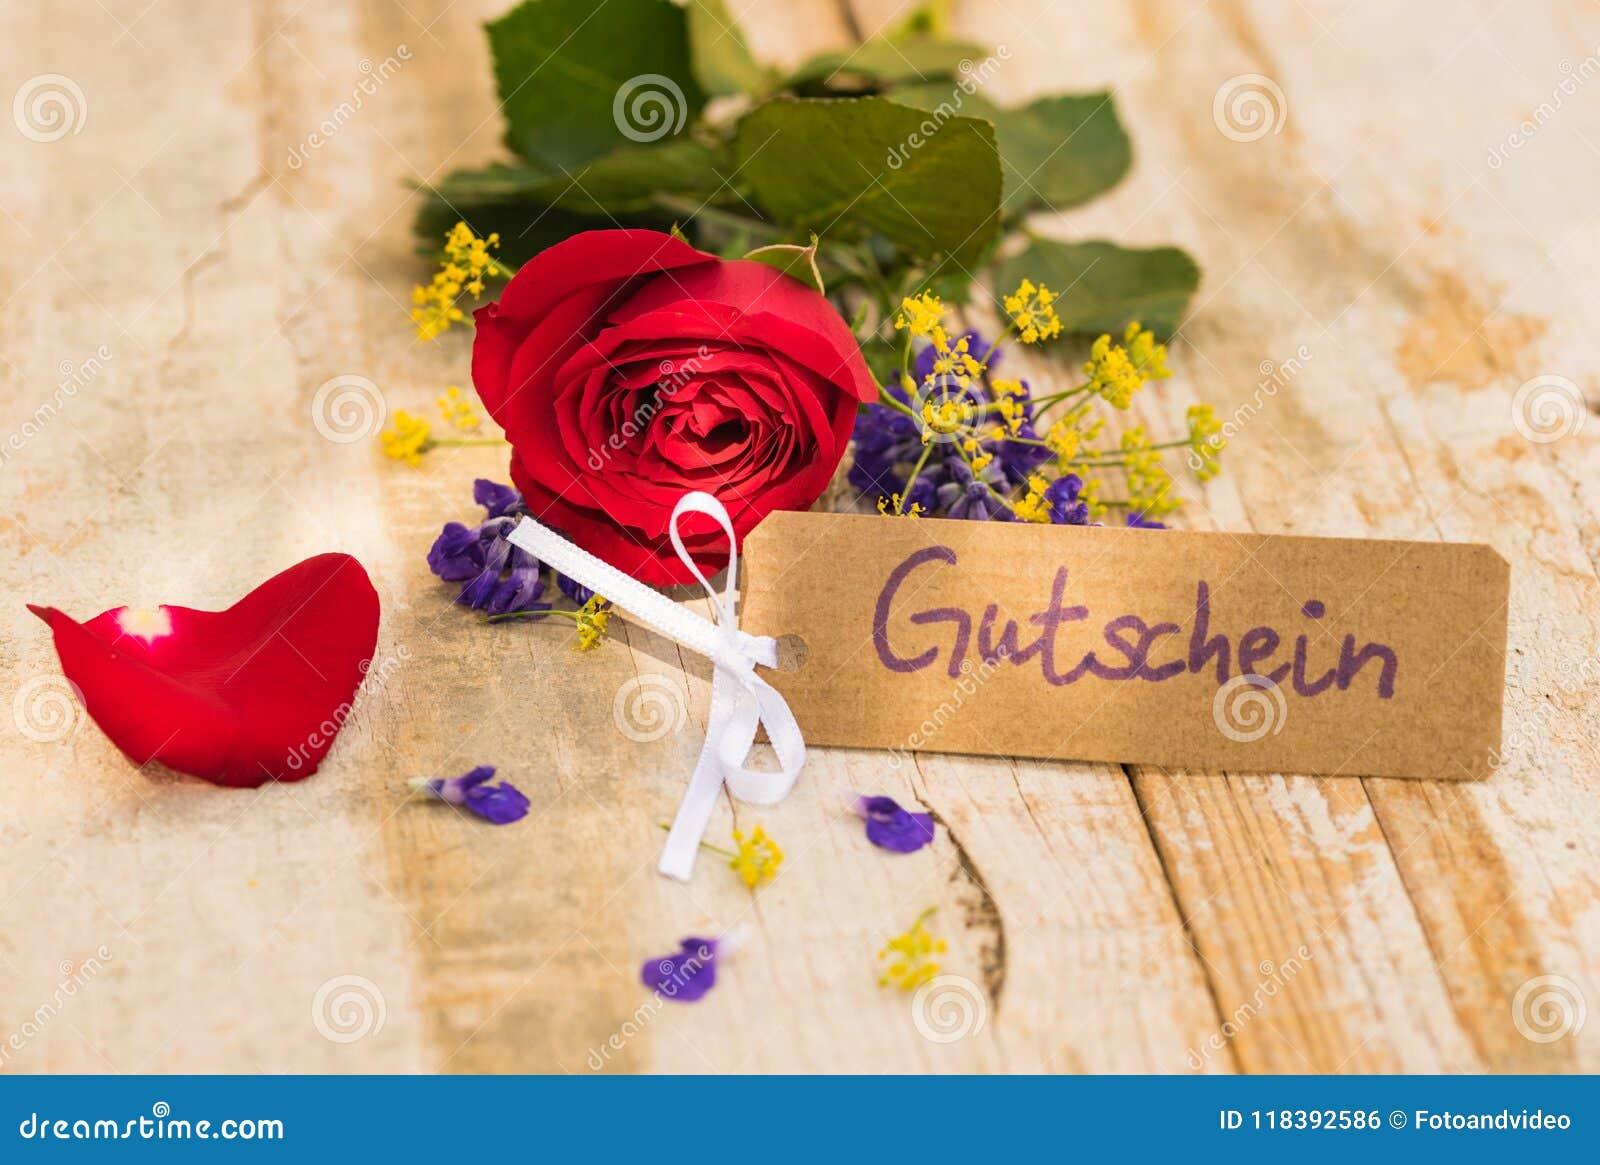 De kaart met Duitse woord, Gutschein, middelenbon of coupon en rood nam voor Moedersdag of Valentine toe